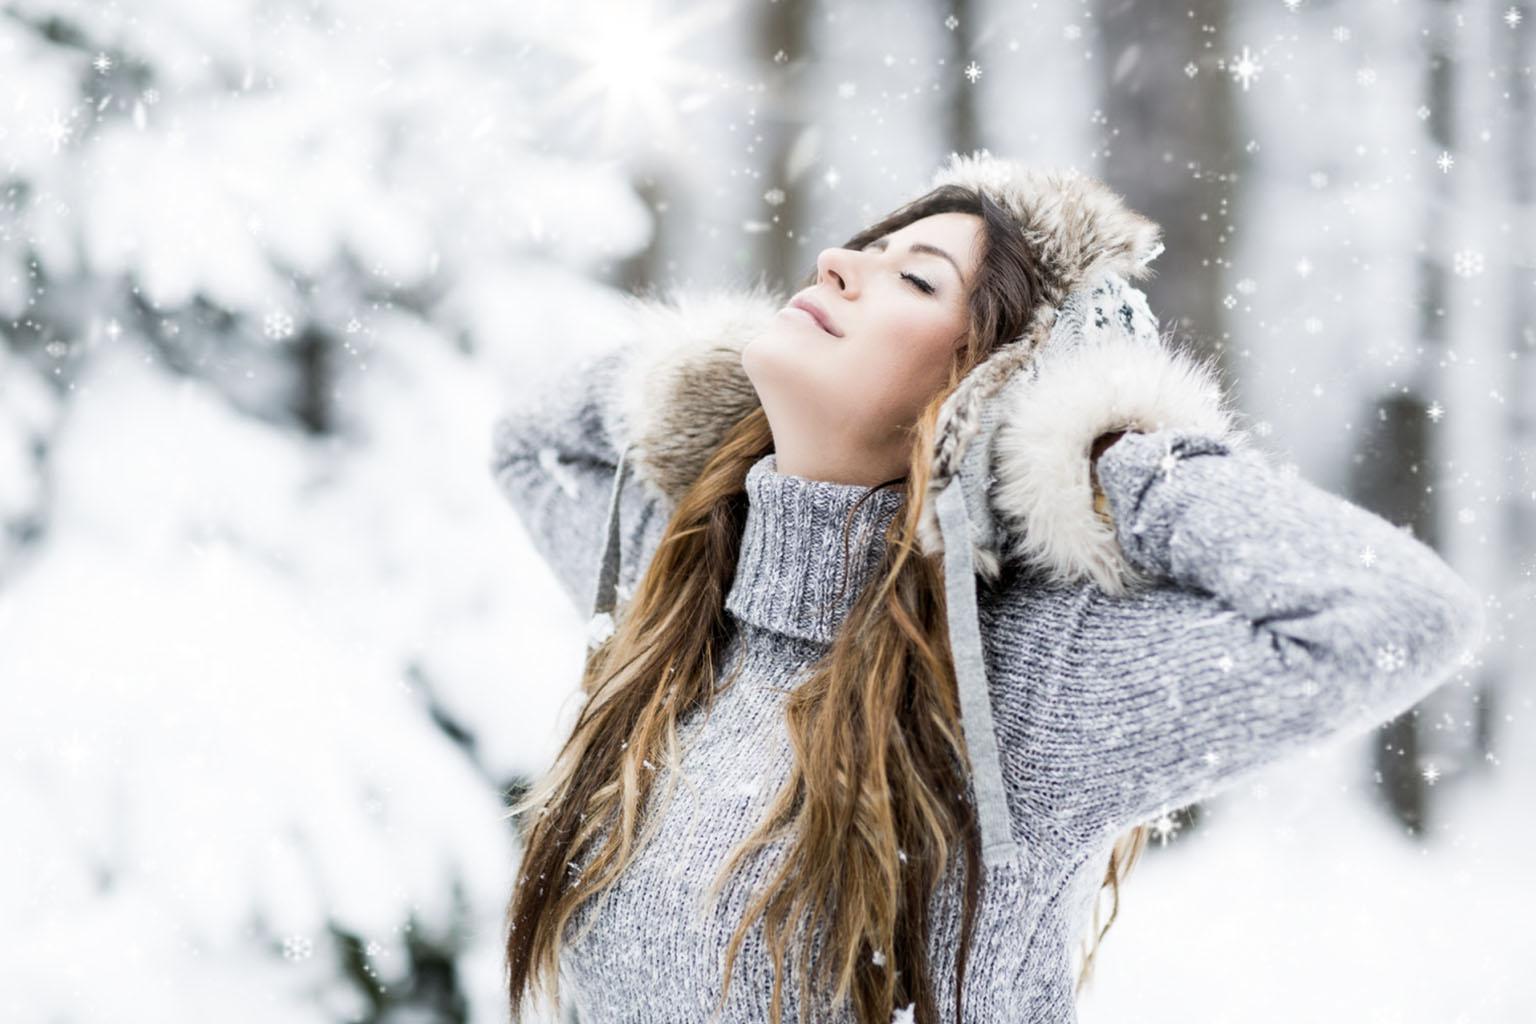 Hartowanie organizmu – jak robić to z głową? Ciepło ubrana dziewczyna spaceruje po śniegu.